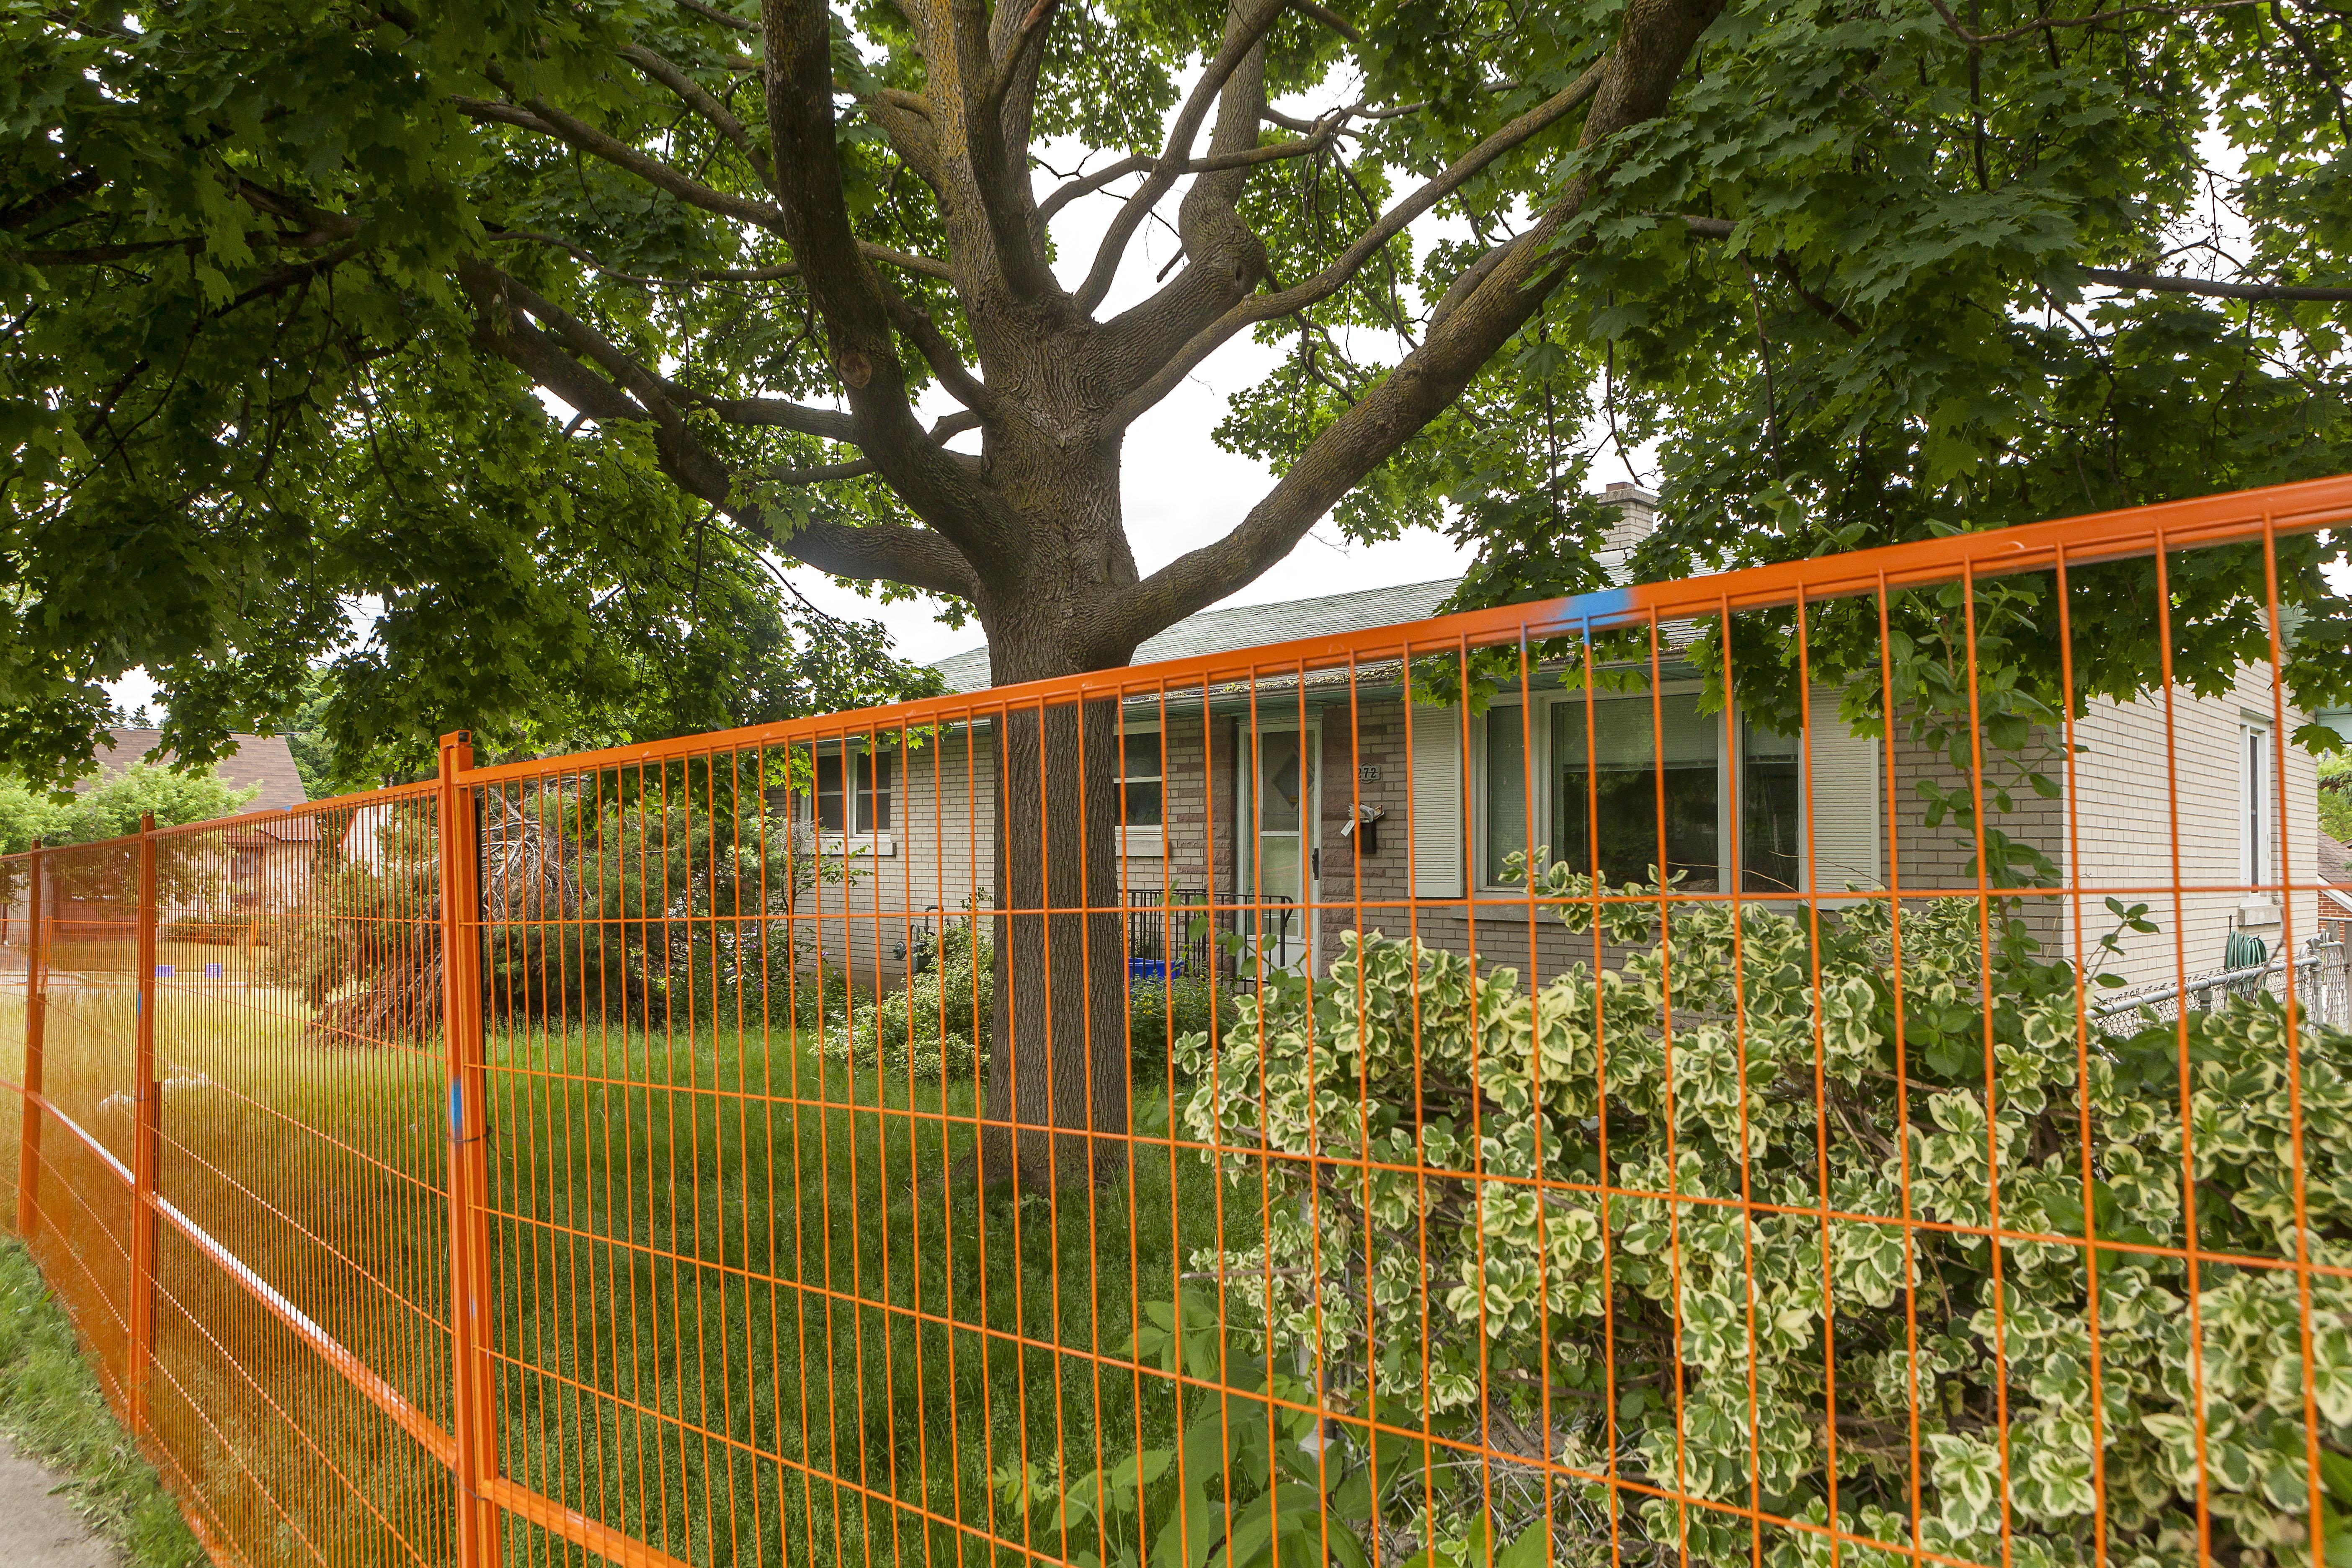 Student houses set for demolition